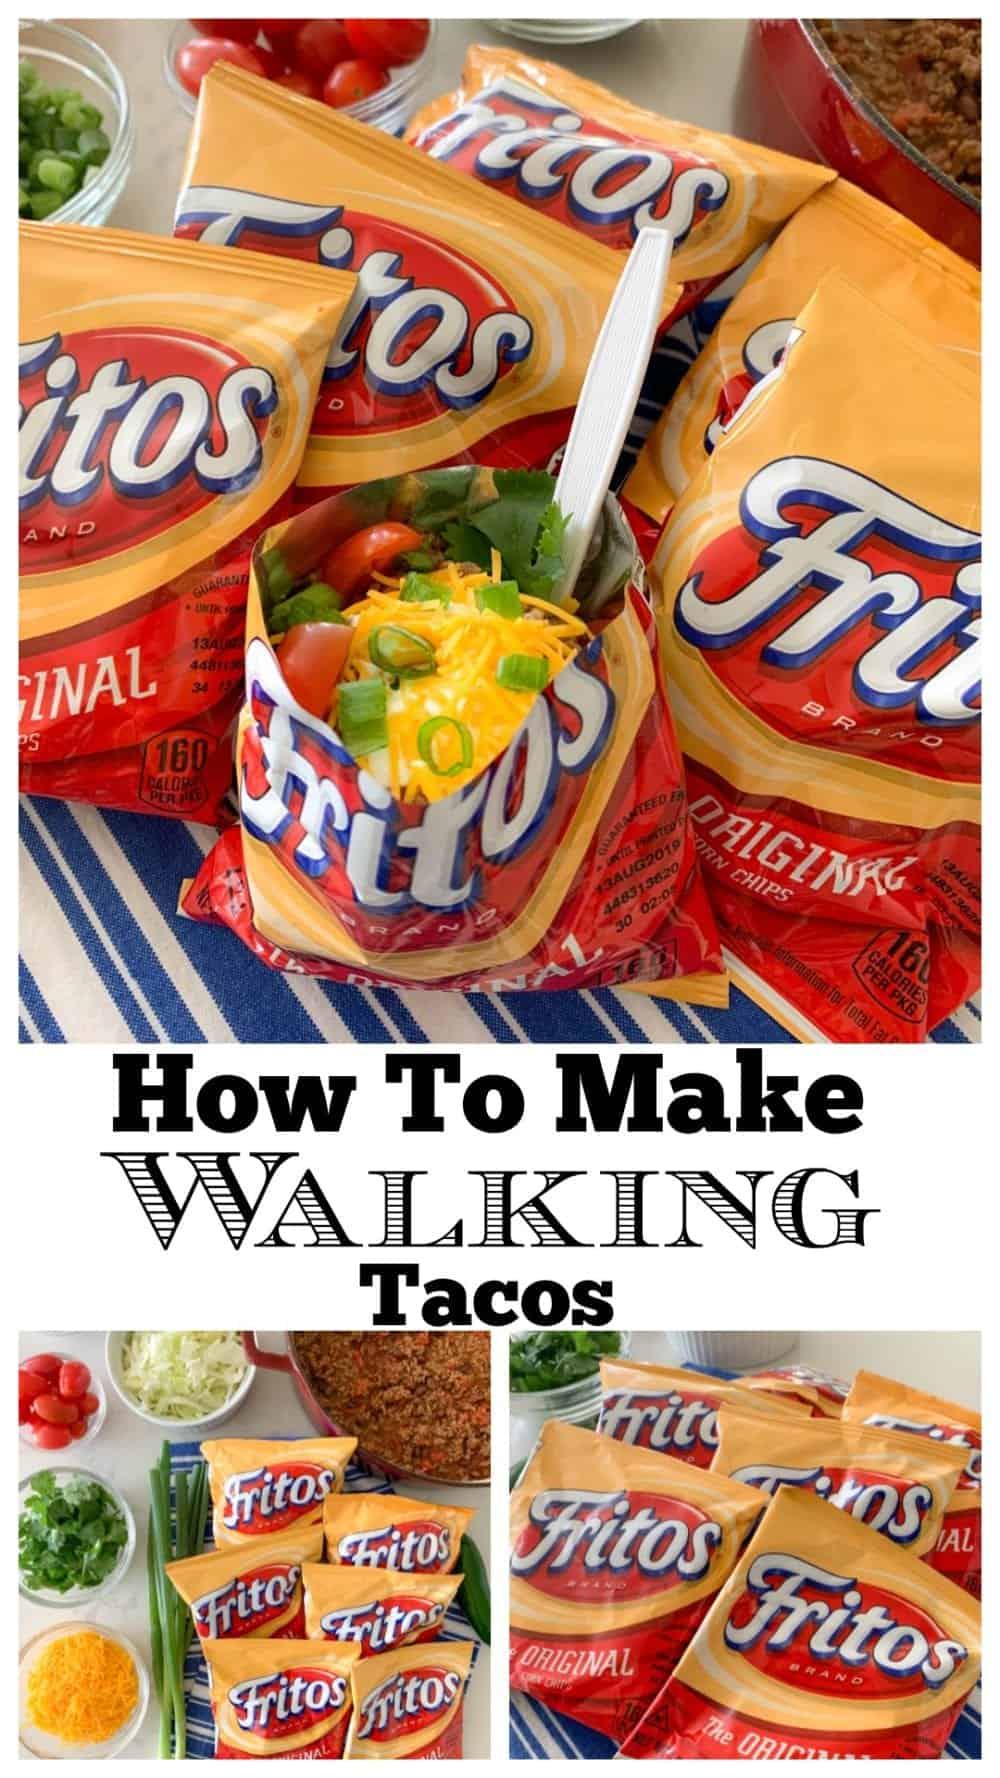 walking taco